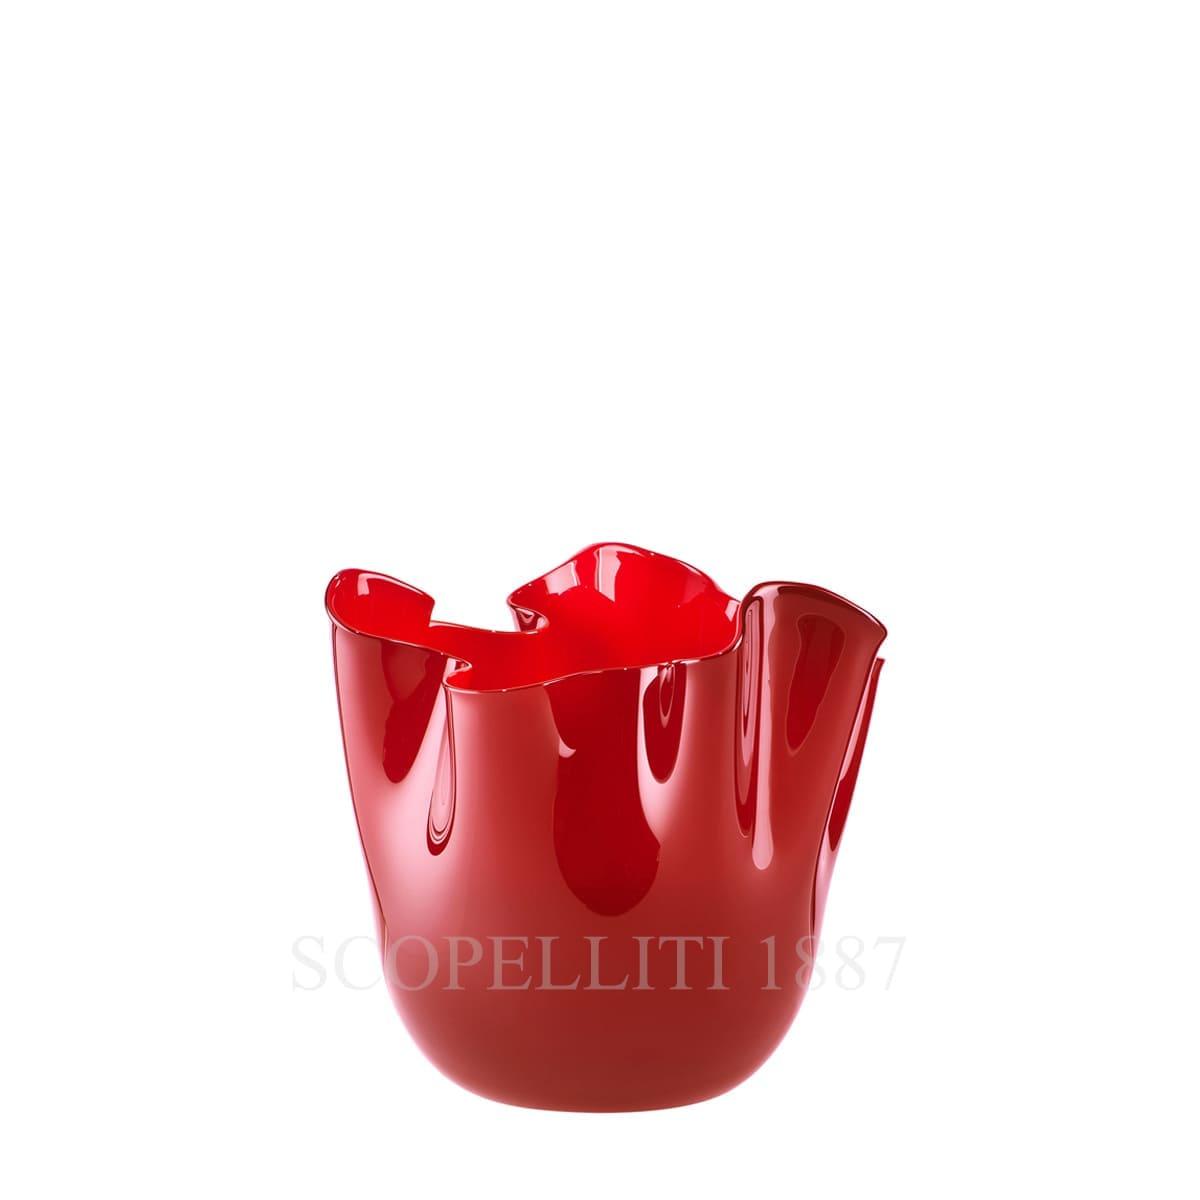 fazzoletto venini small vase red